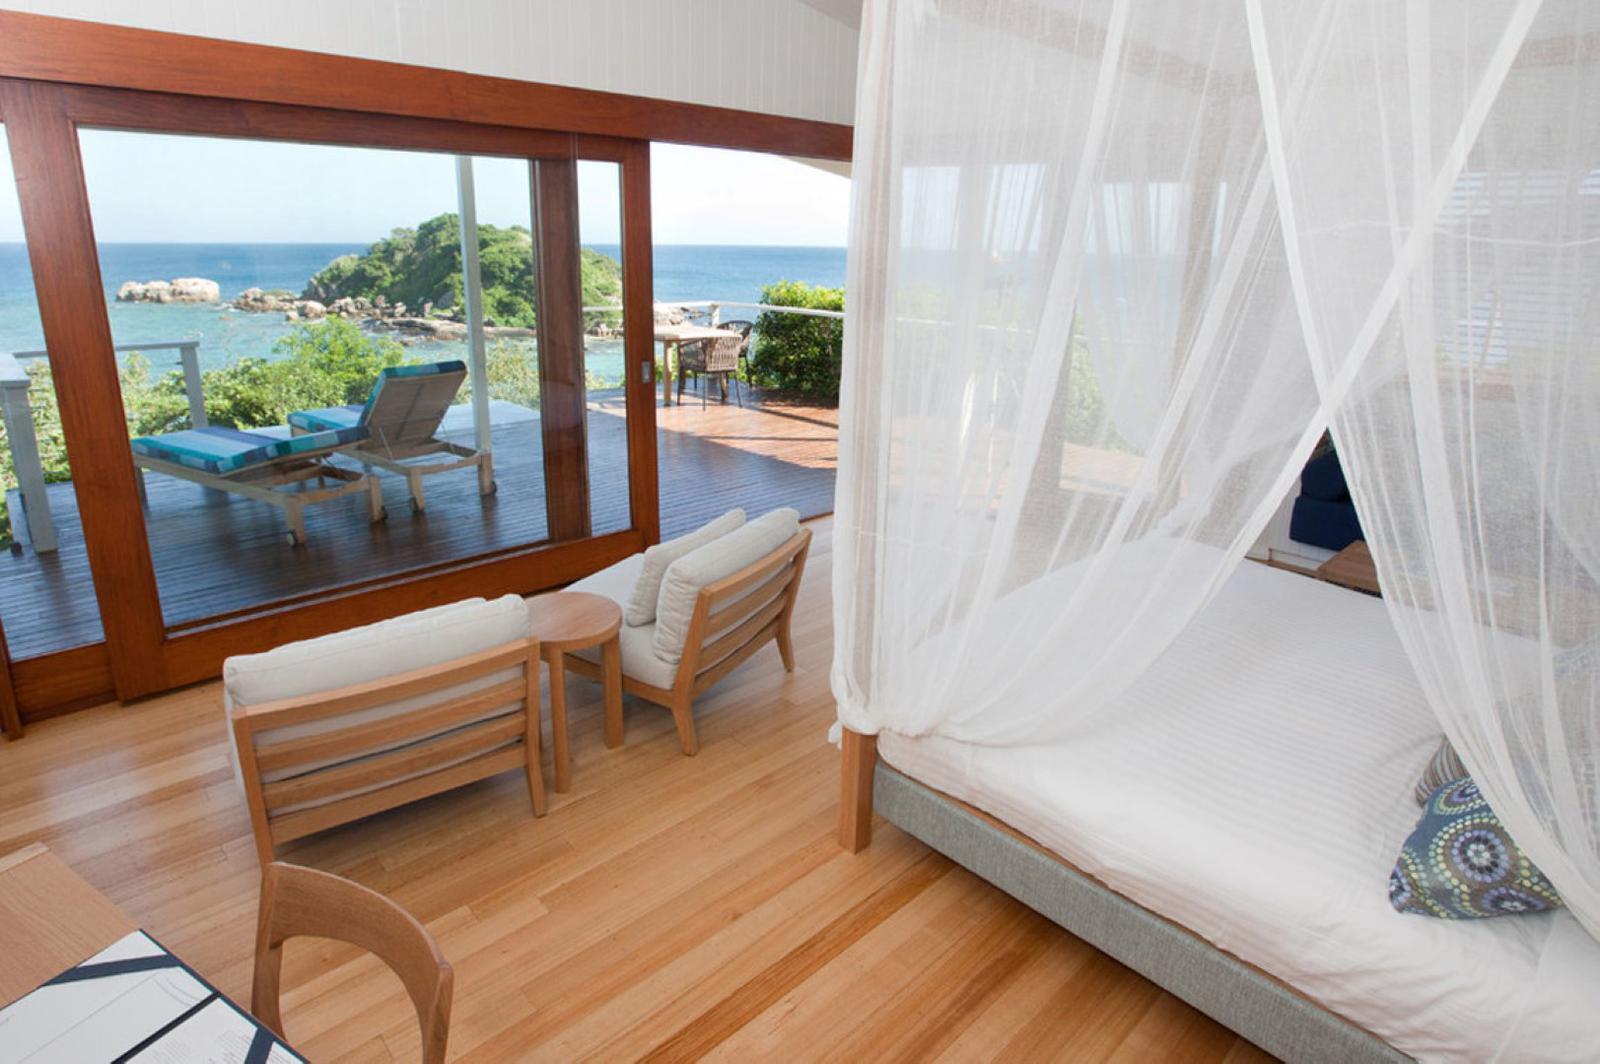 10 hoteles para vivir una luna de miel muy rom ntica - Hoteles luna de miel ...